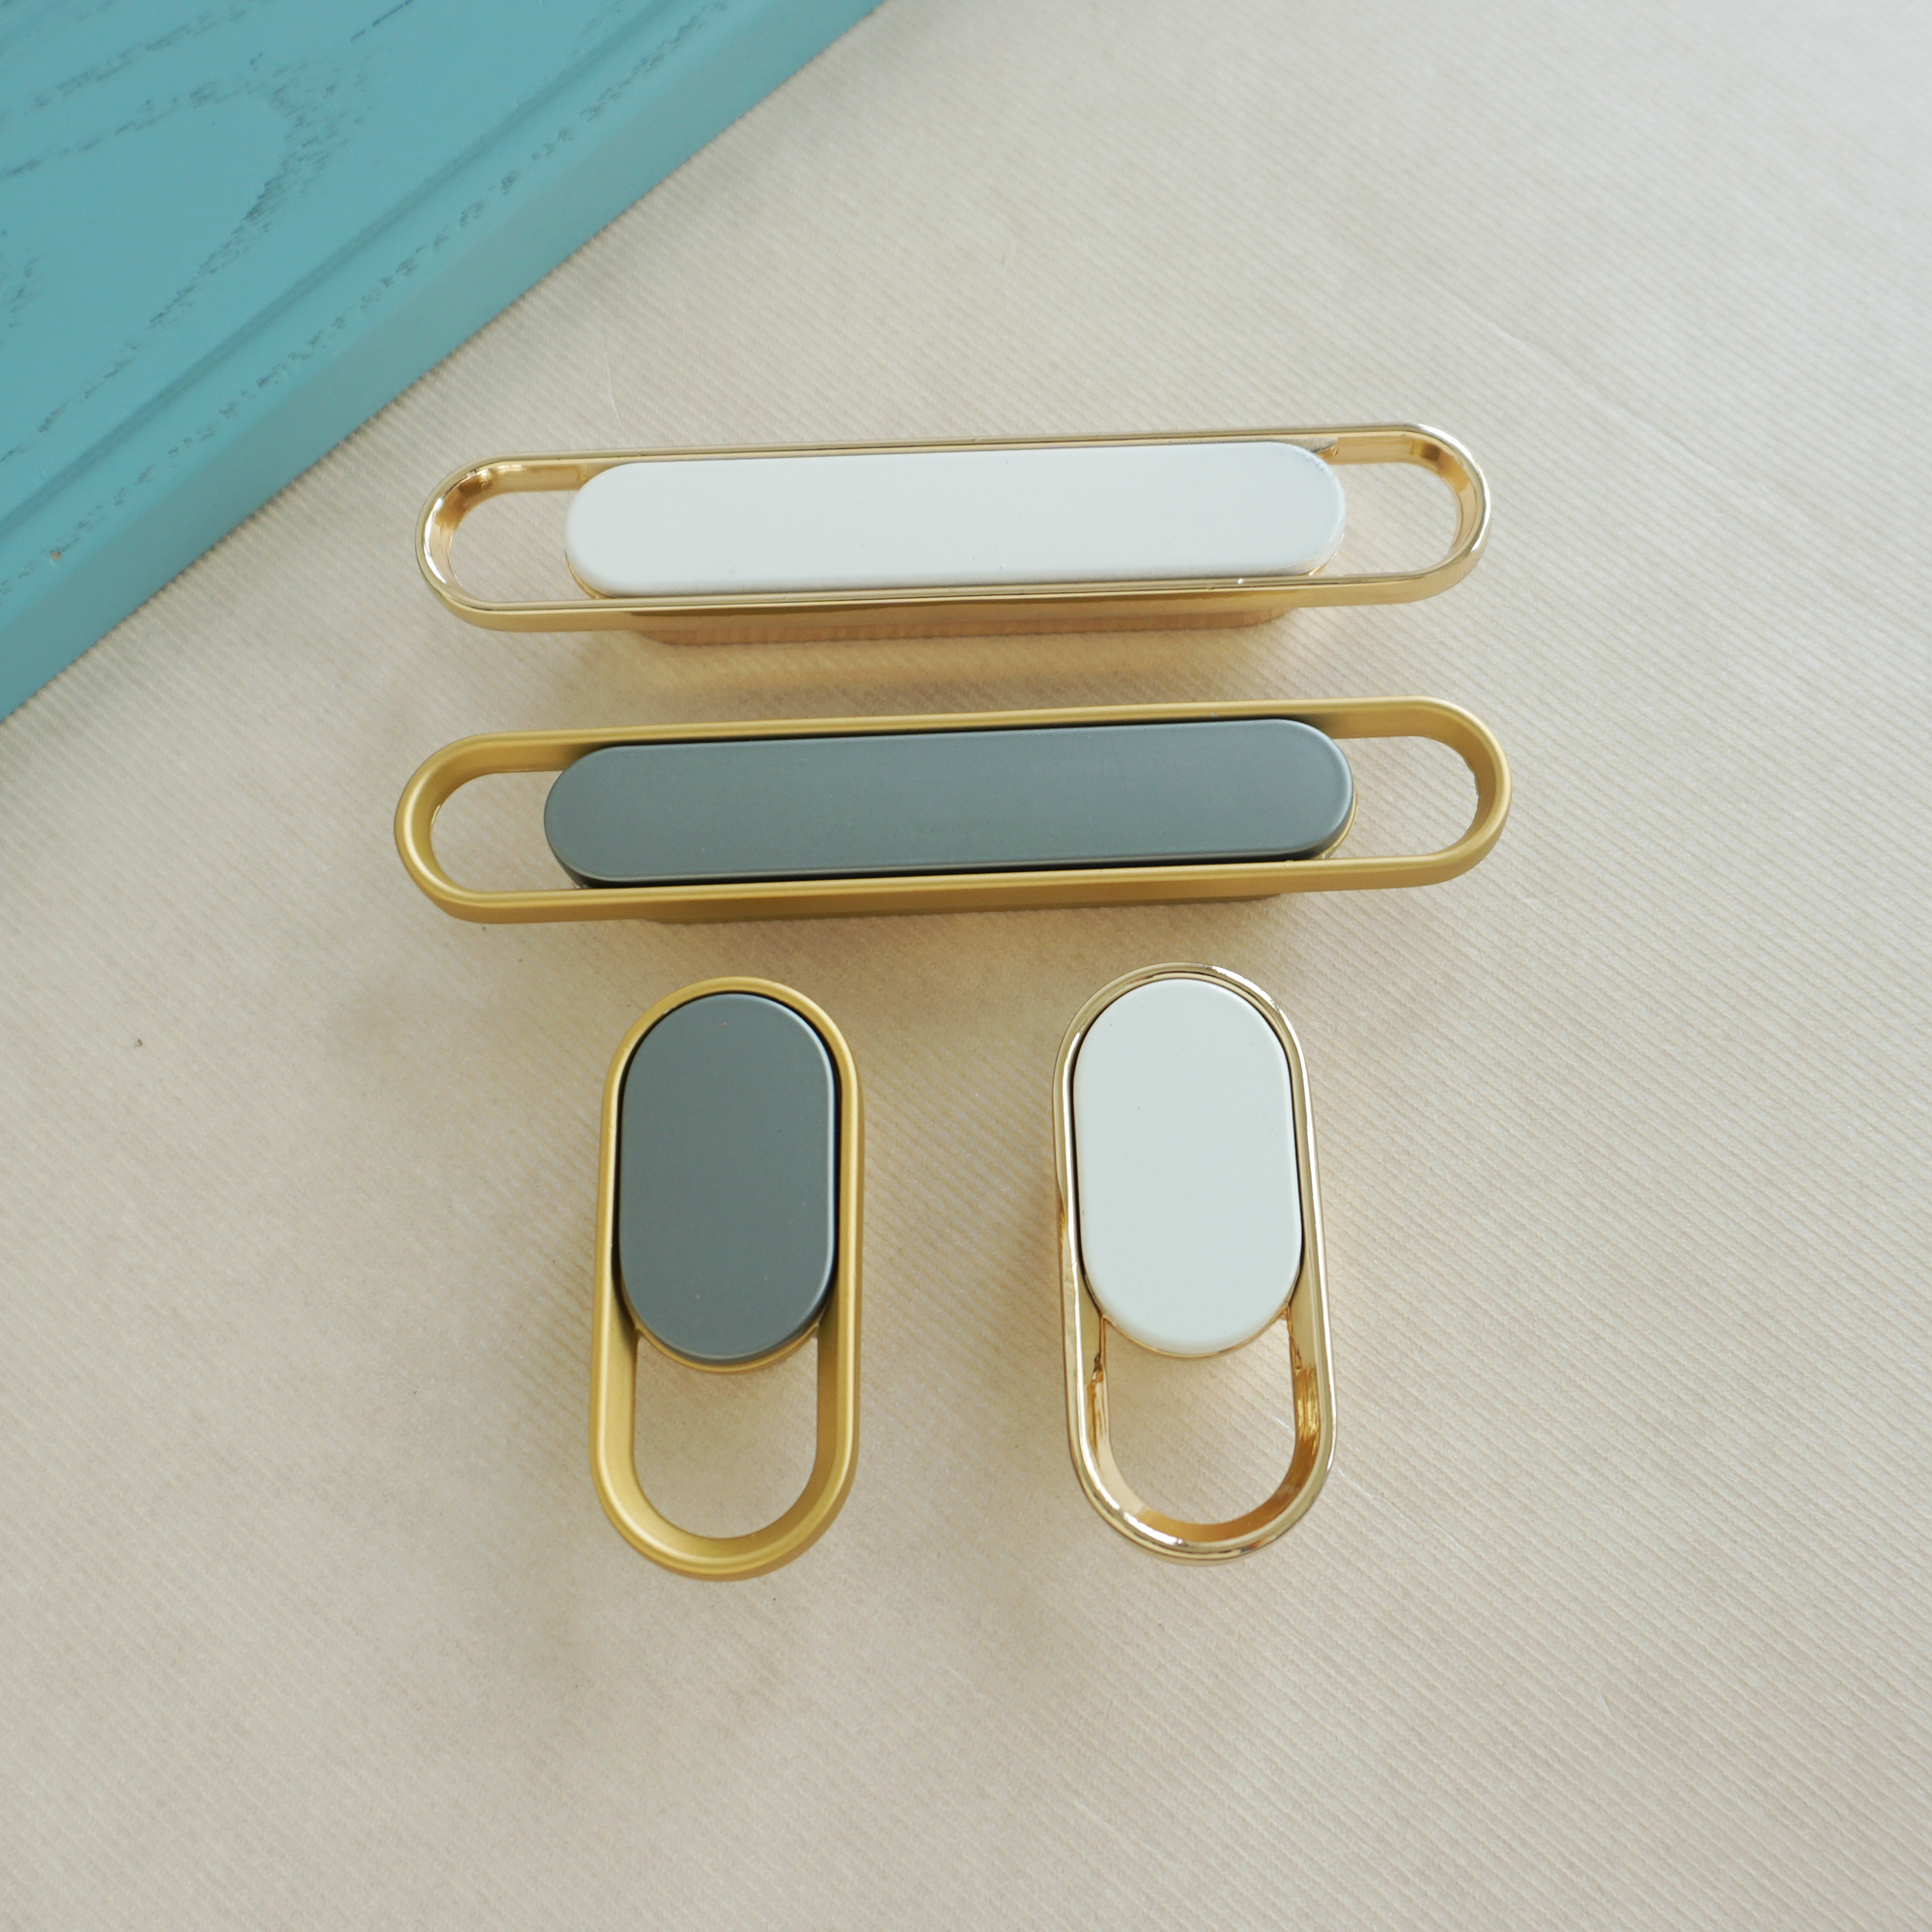 Сплав мебель кнопки и ручки Шкаф Ручка ящика шкафа простота Ручка мебельная фурнитура